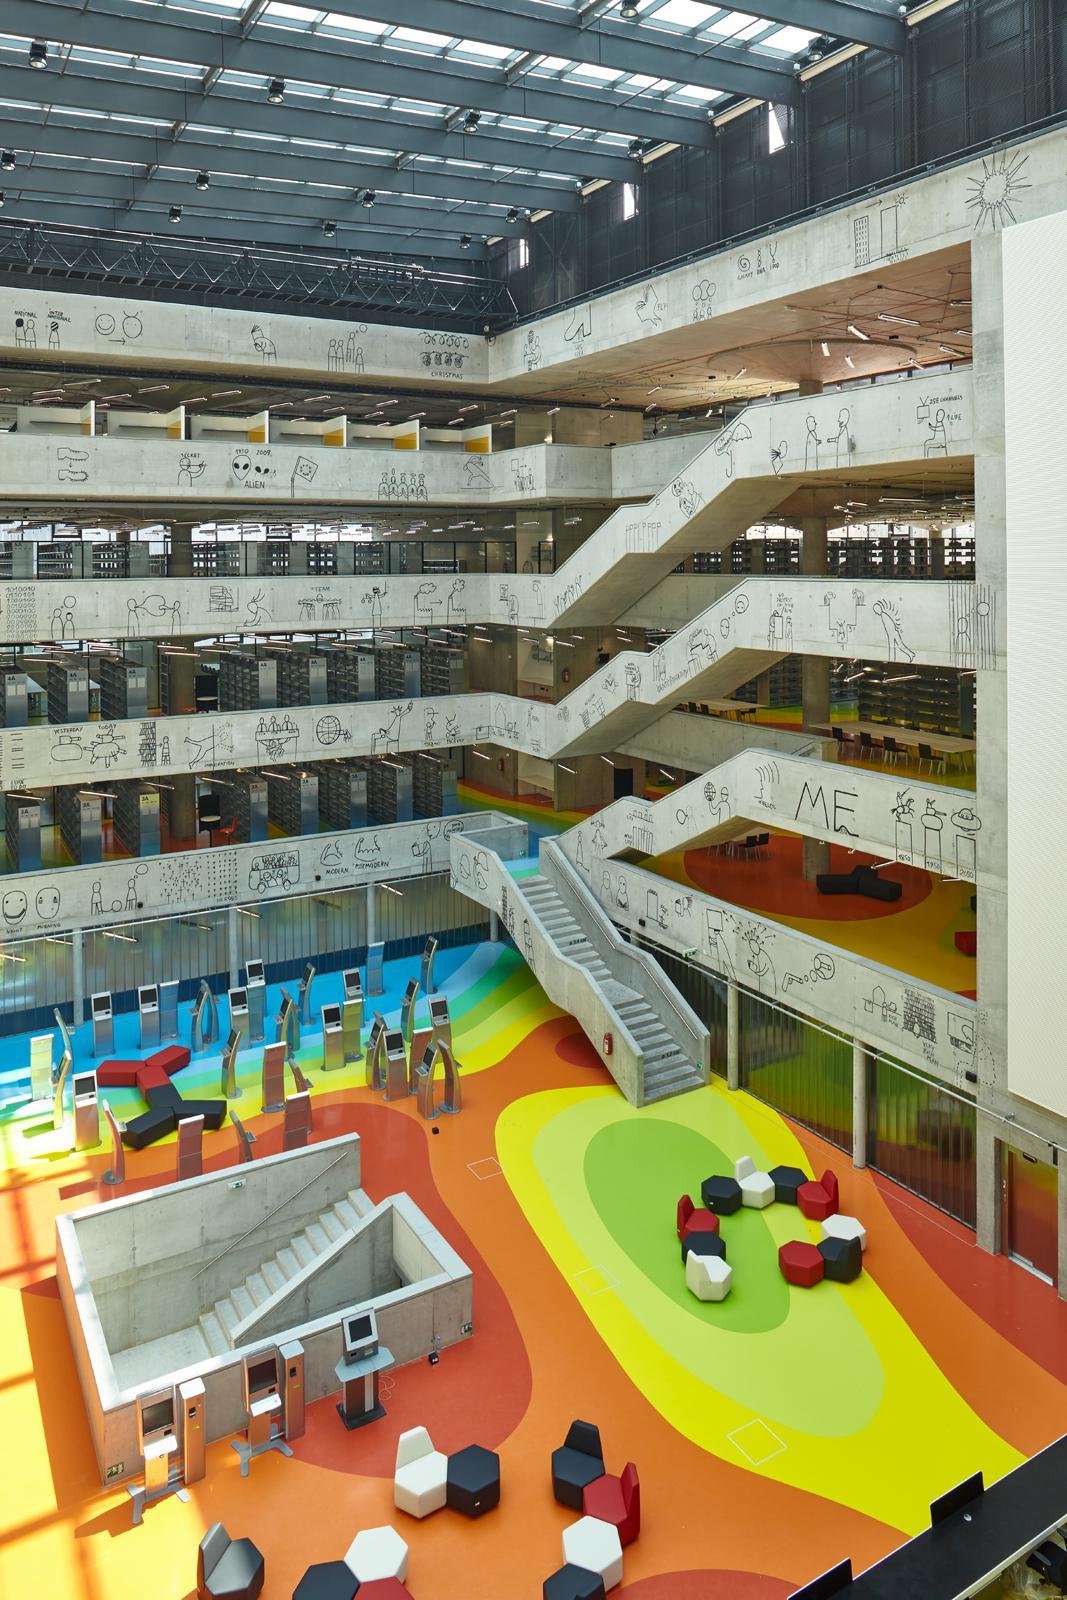 Národní technická knihovna, Praha, 2000–2009 (architekti: Roman Brychta, Adam Halíř, Ondřej Hoffmeister, Petr Lešek)